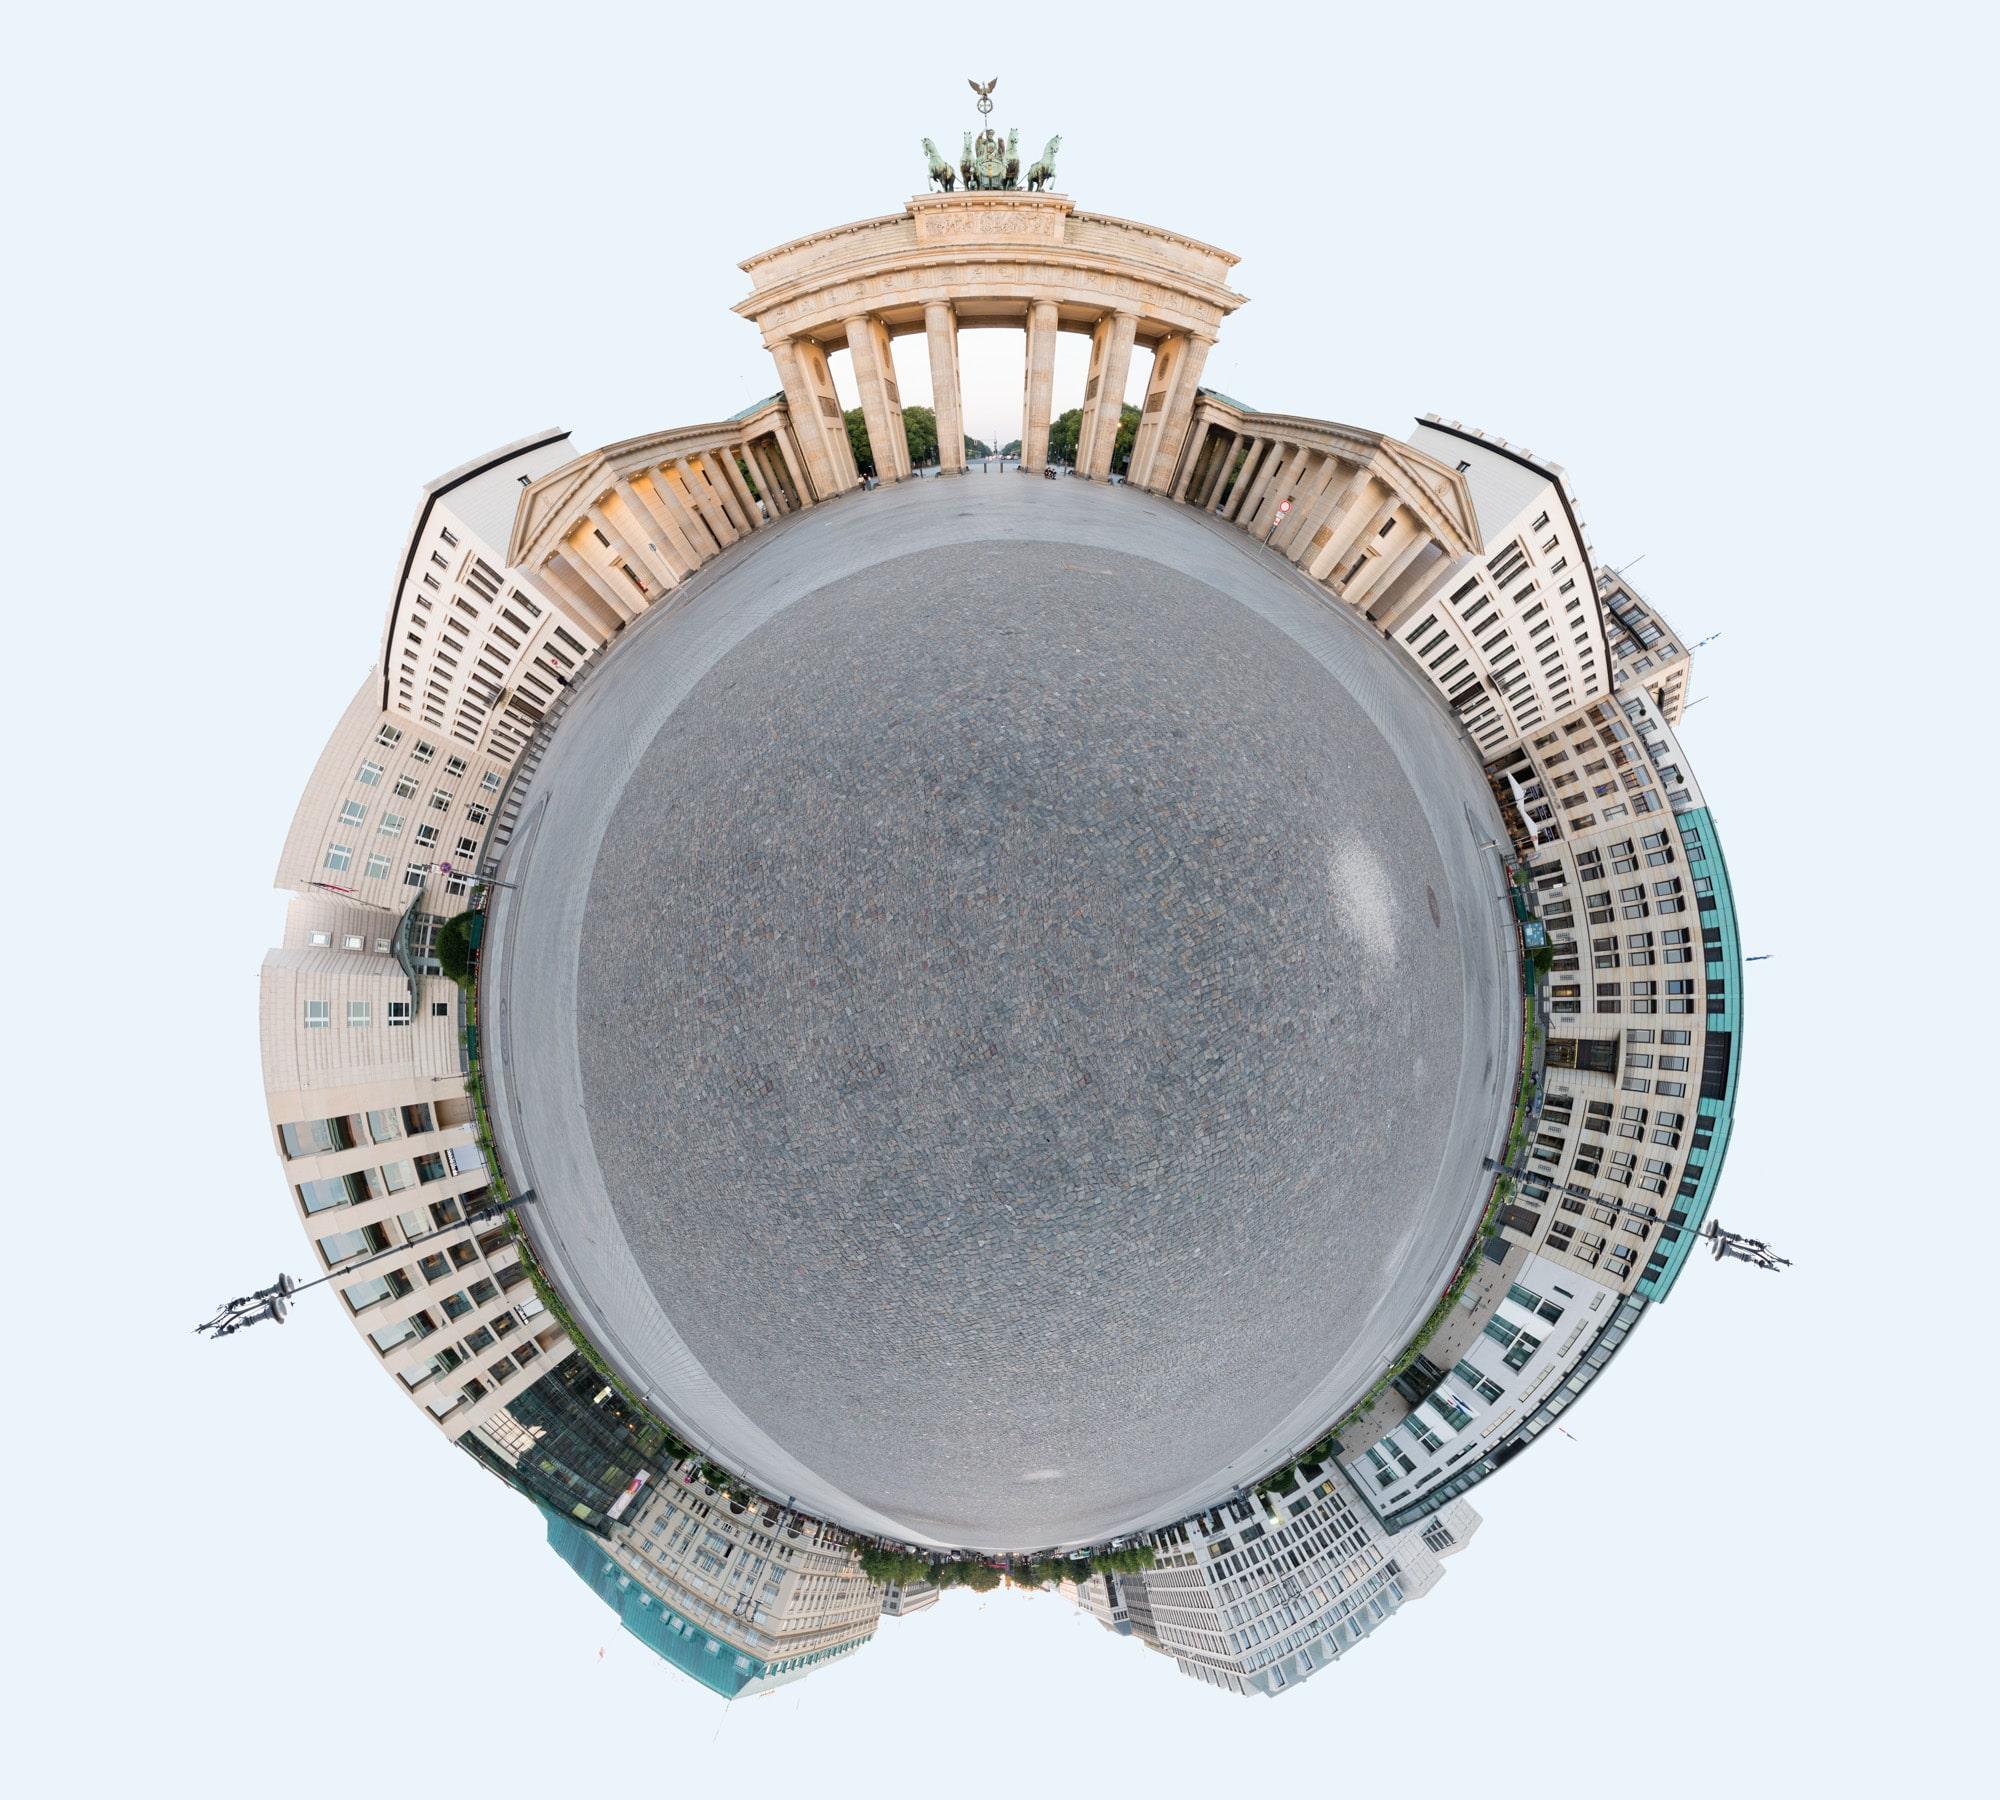 Panorama Brandenburger Tor Ausgabe als Little Planet, (Foto copyright - Frank Weber - Berlin - www.fotologbuch.de)